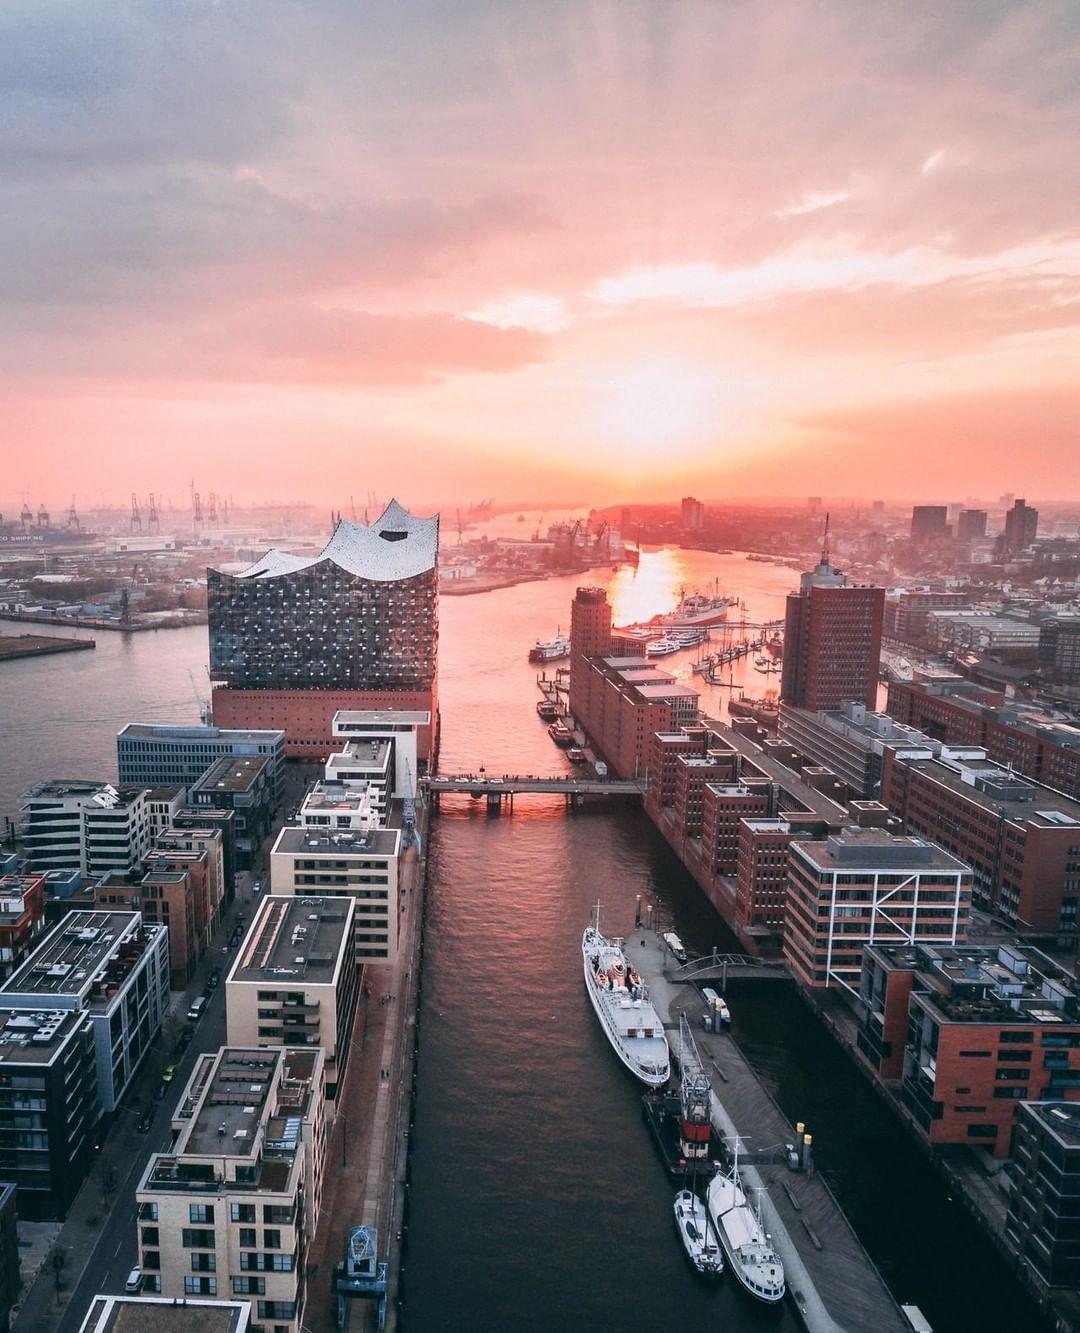 Bild Konnte Enthalten Himmel Wolken Brucke Im Freien Und Wasser Geheimtipp Hamburg Hamburg Bilder